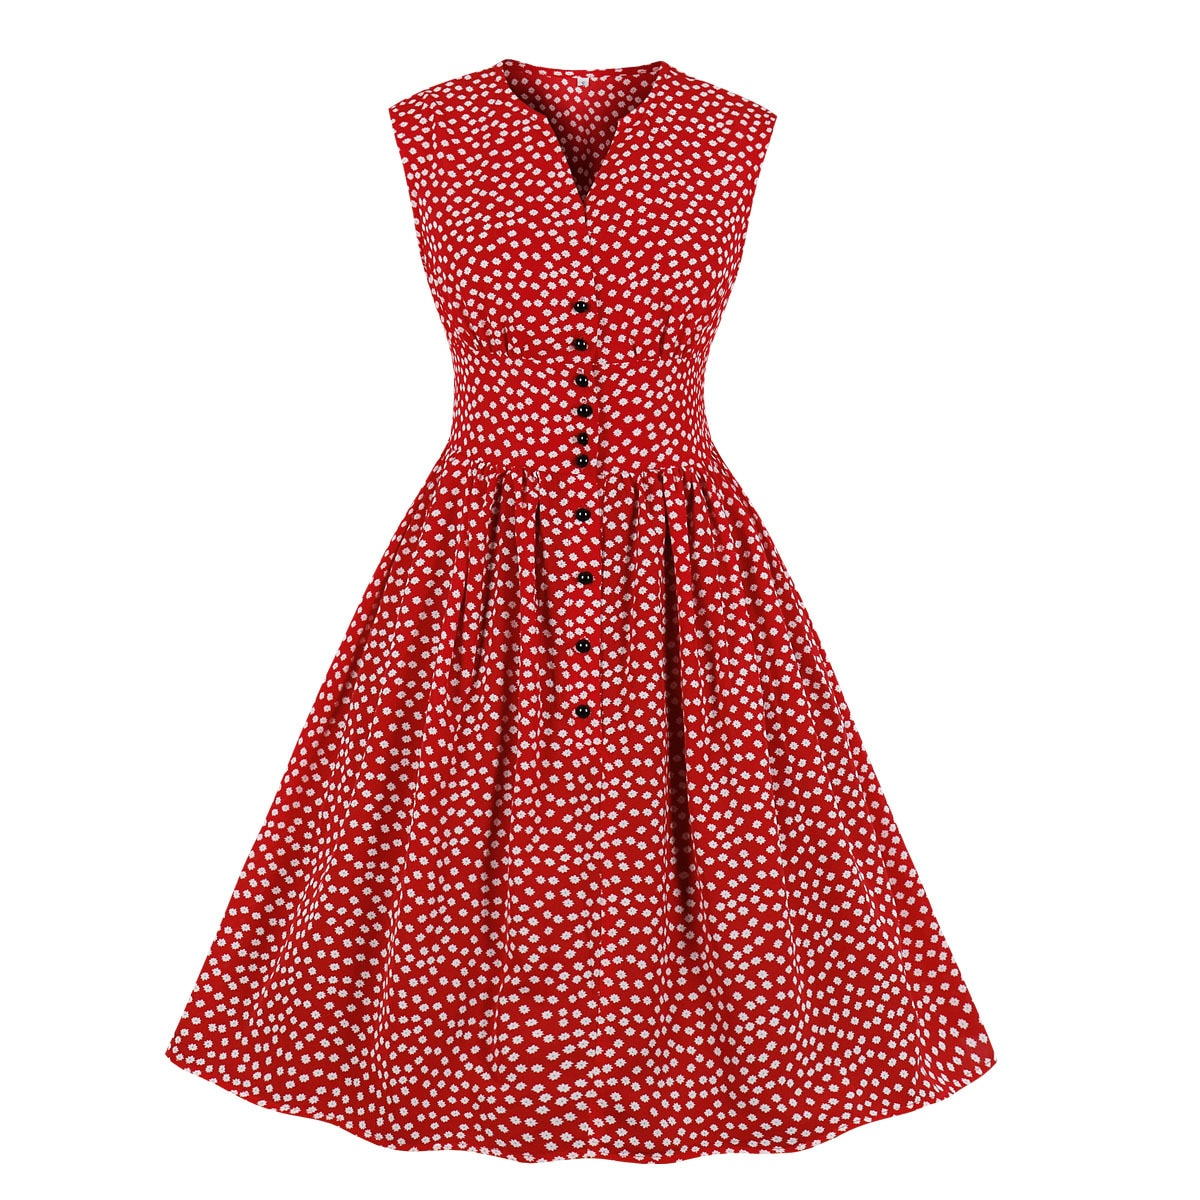 Odzież OWLPRINCESS 2020 lato nowy mały wzór kwiatowy elegancka sukienka kobiety na guziki, bez rękawów sukienka